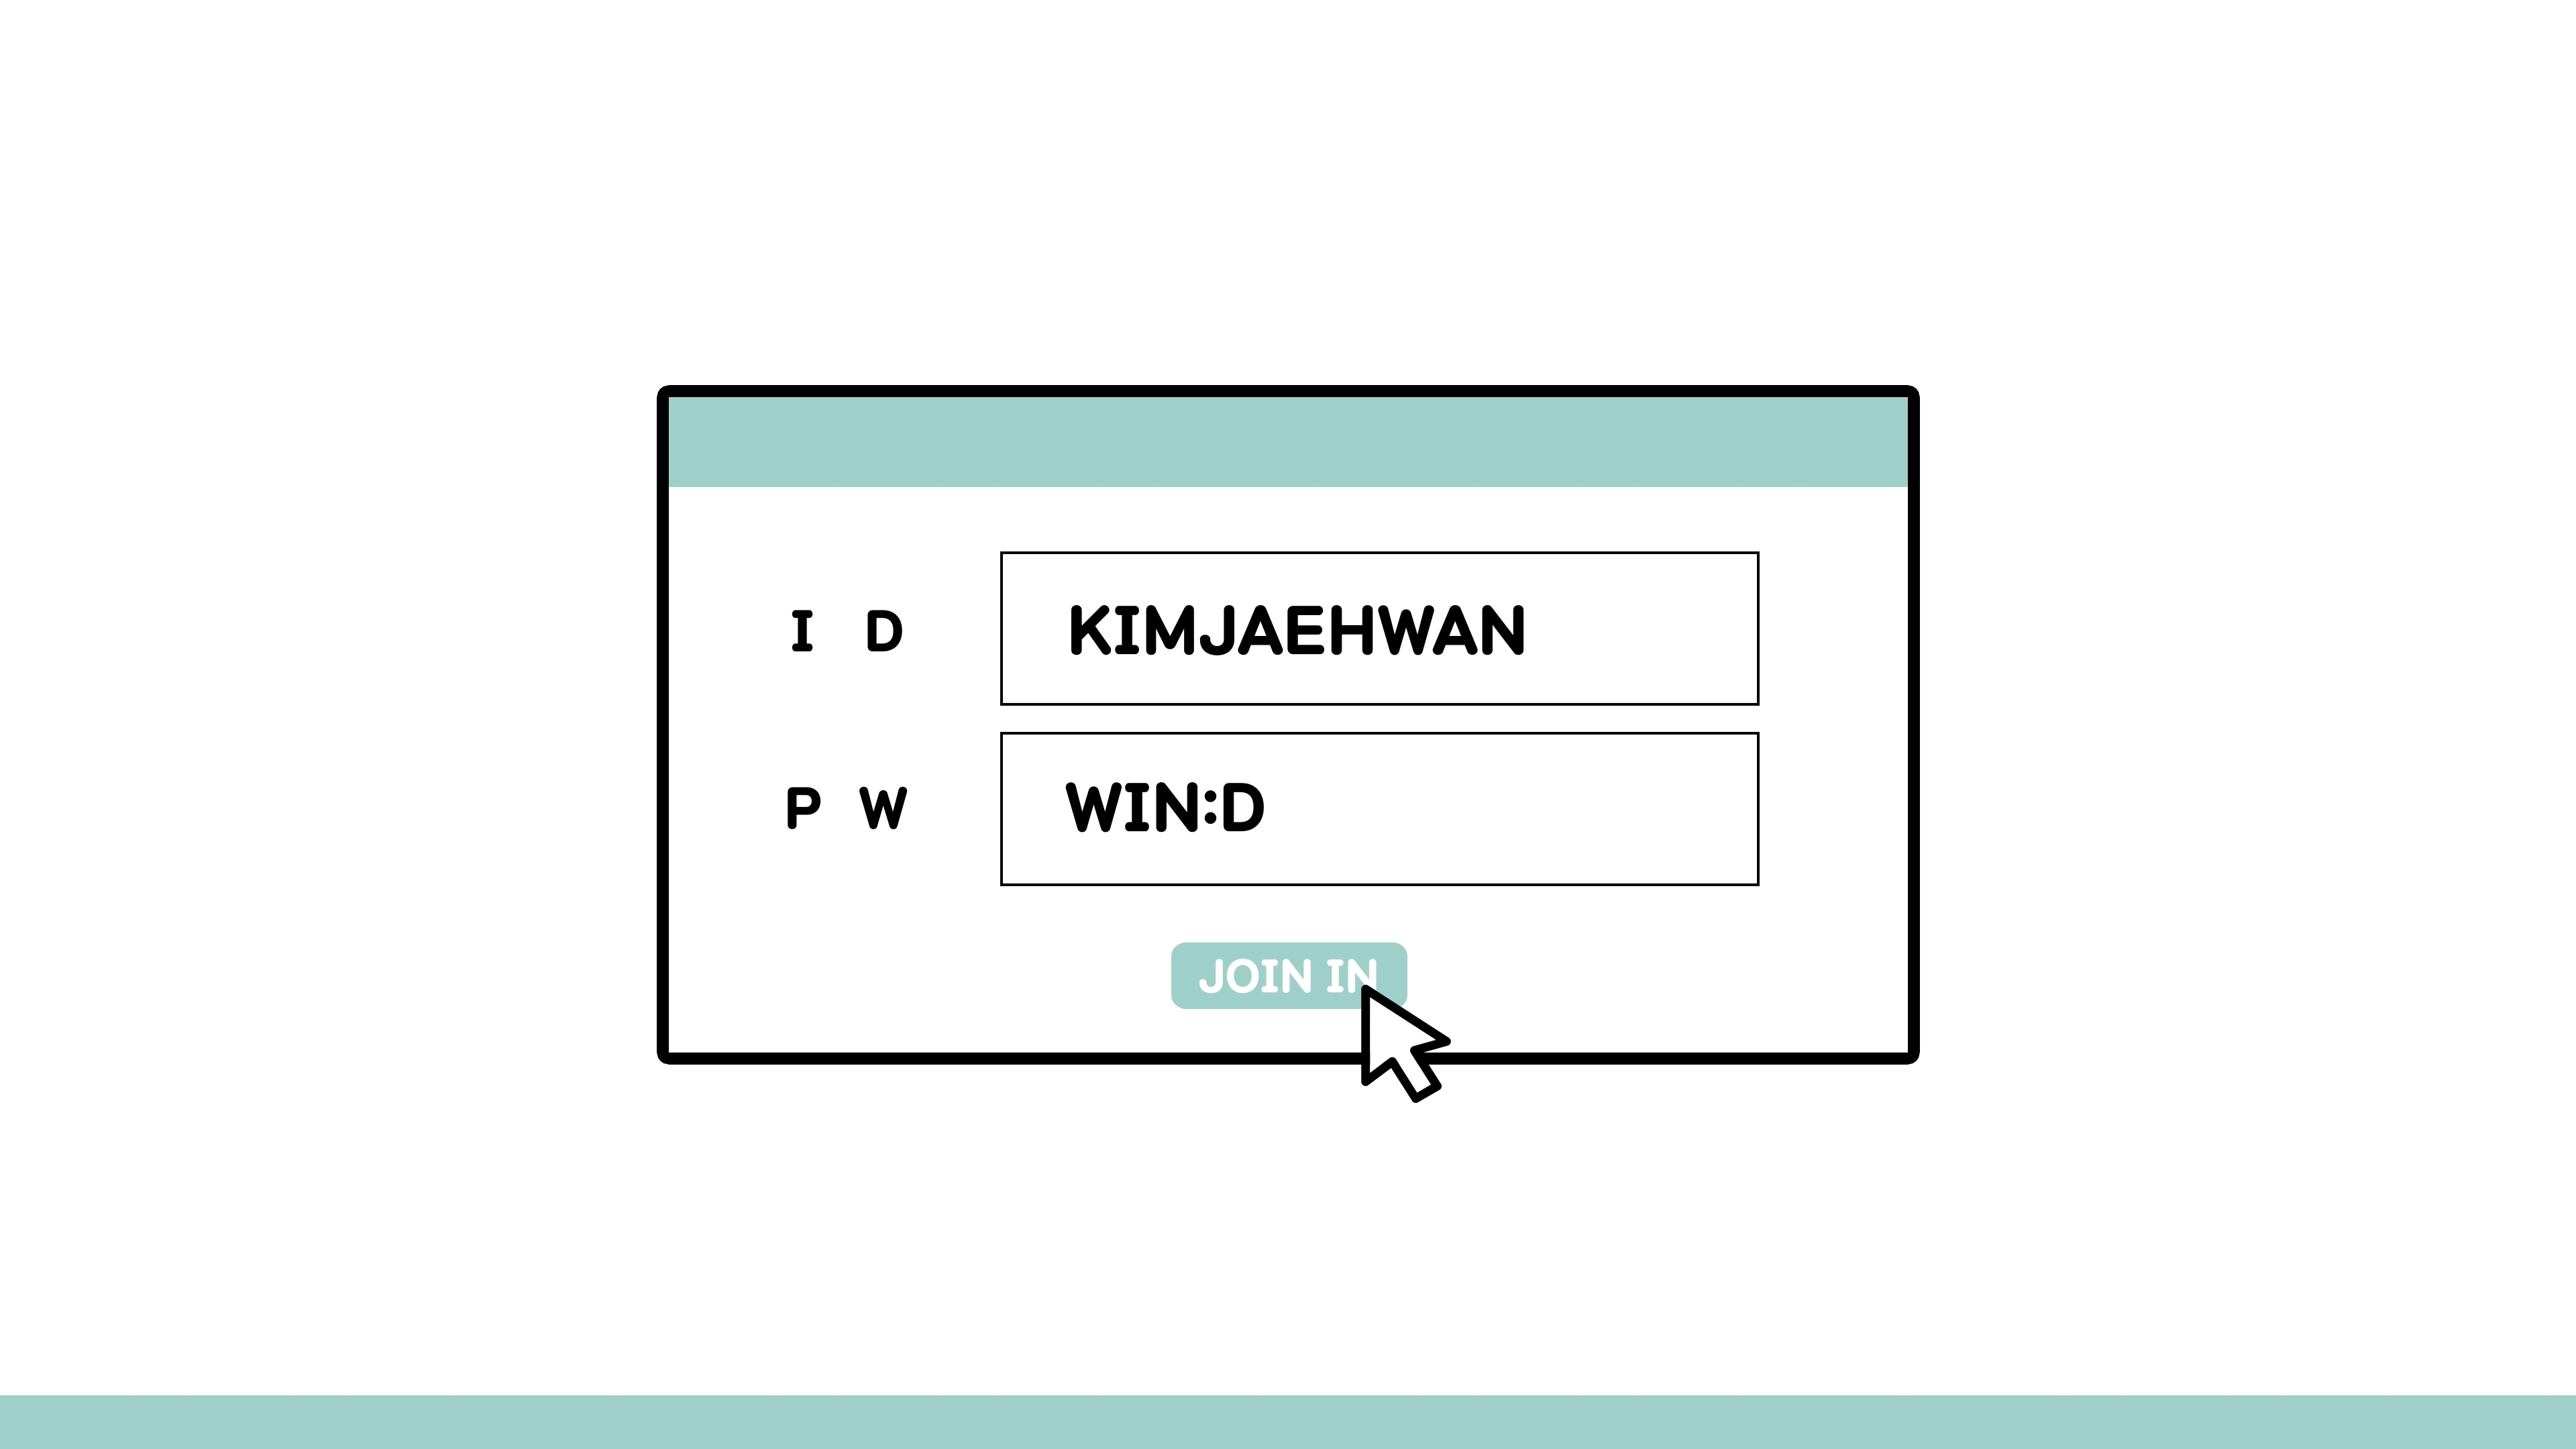 김재환 공식 팬클럽 WIN:D 1기 모집 안내